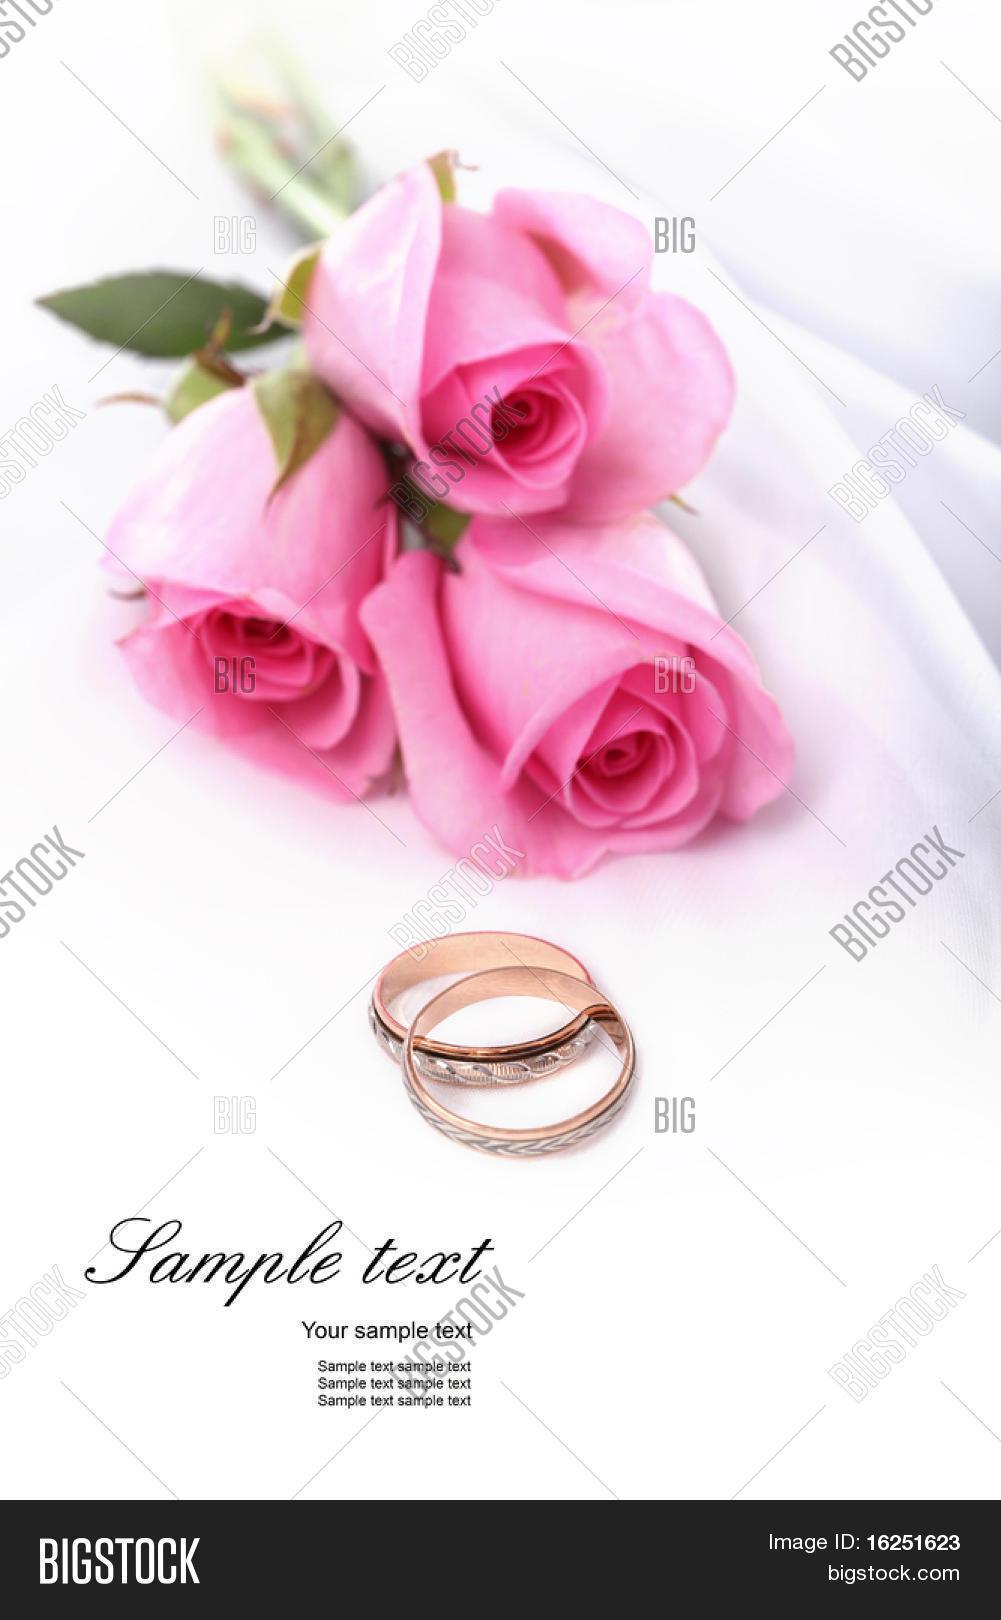 Wedding Rings Pink Image & Photo (Free Trial) | Bigstock